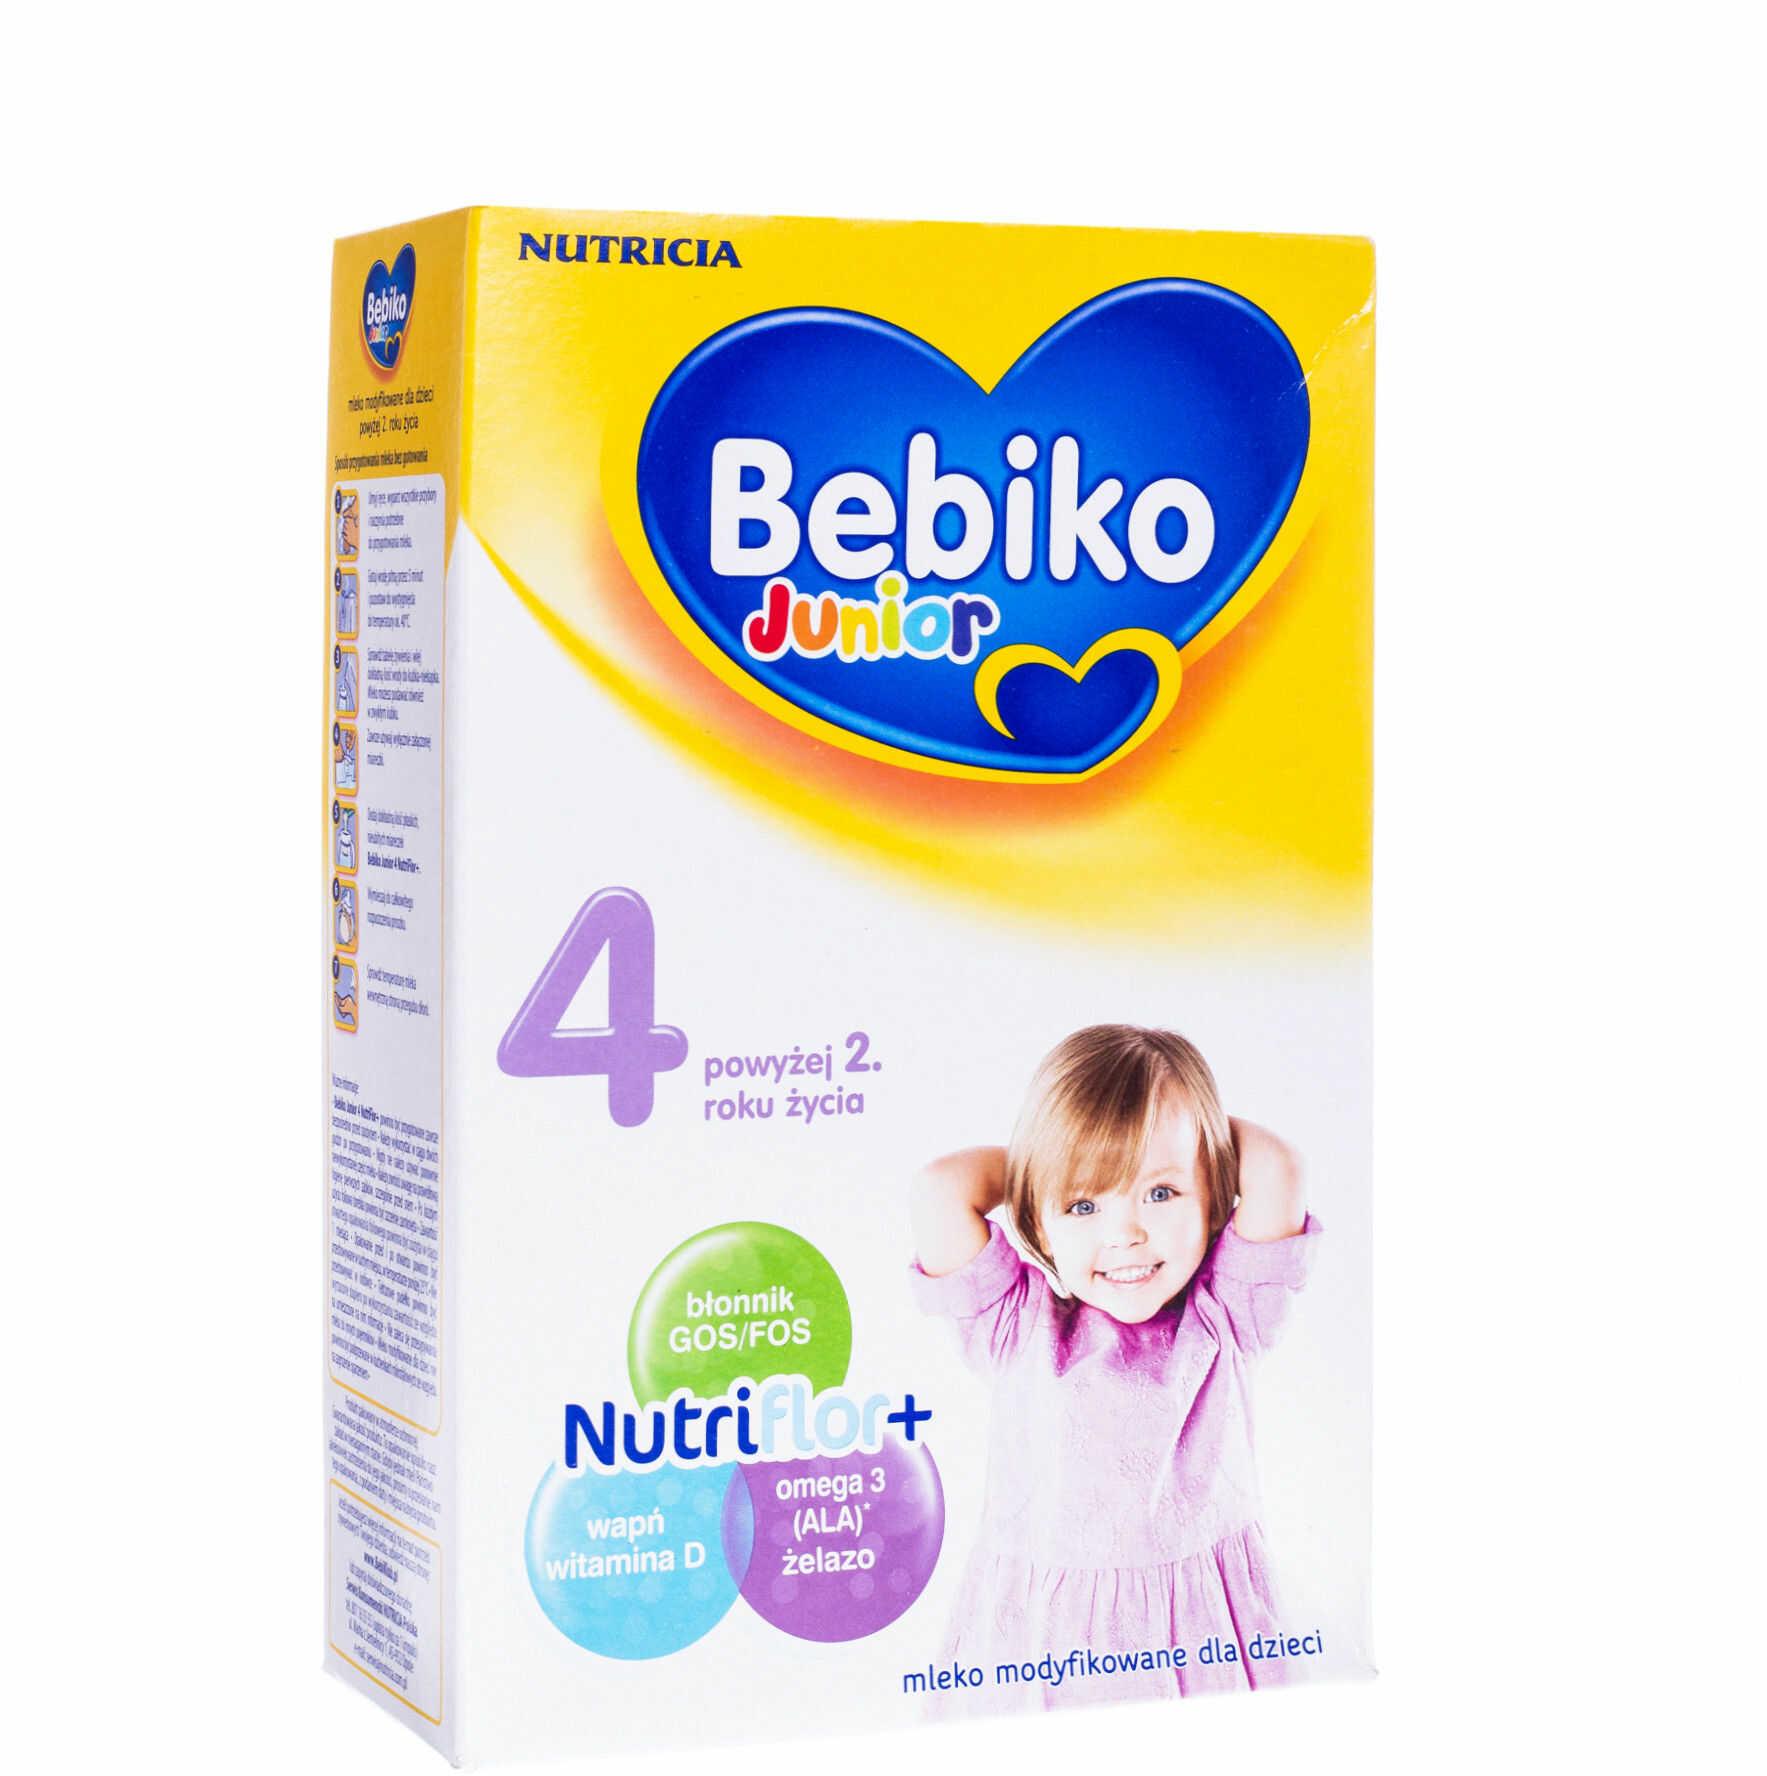 Bebiko Junior 4 mleko modyfikowane powyżej 2 roku życia proszek 350 g